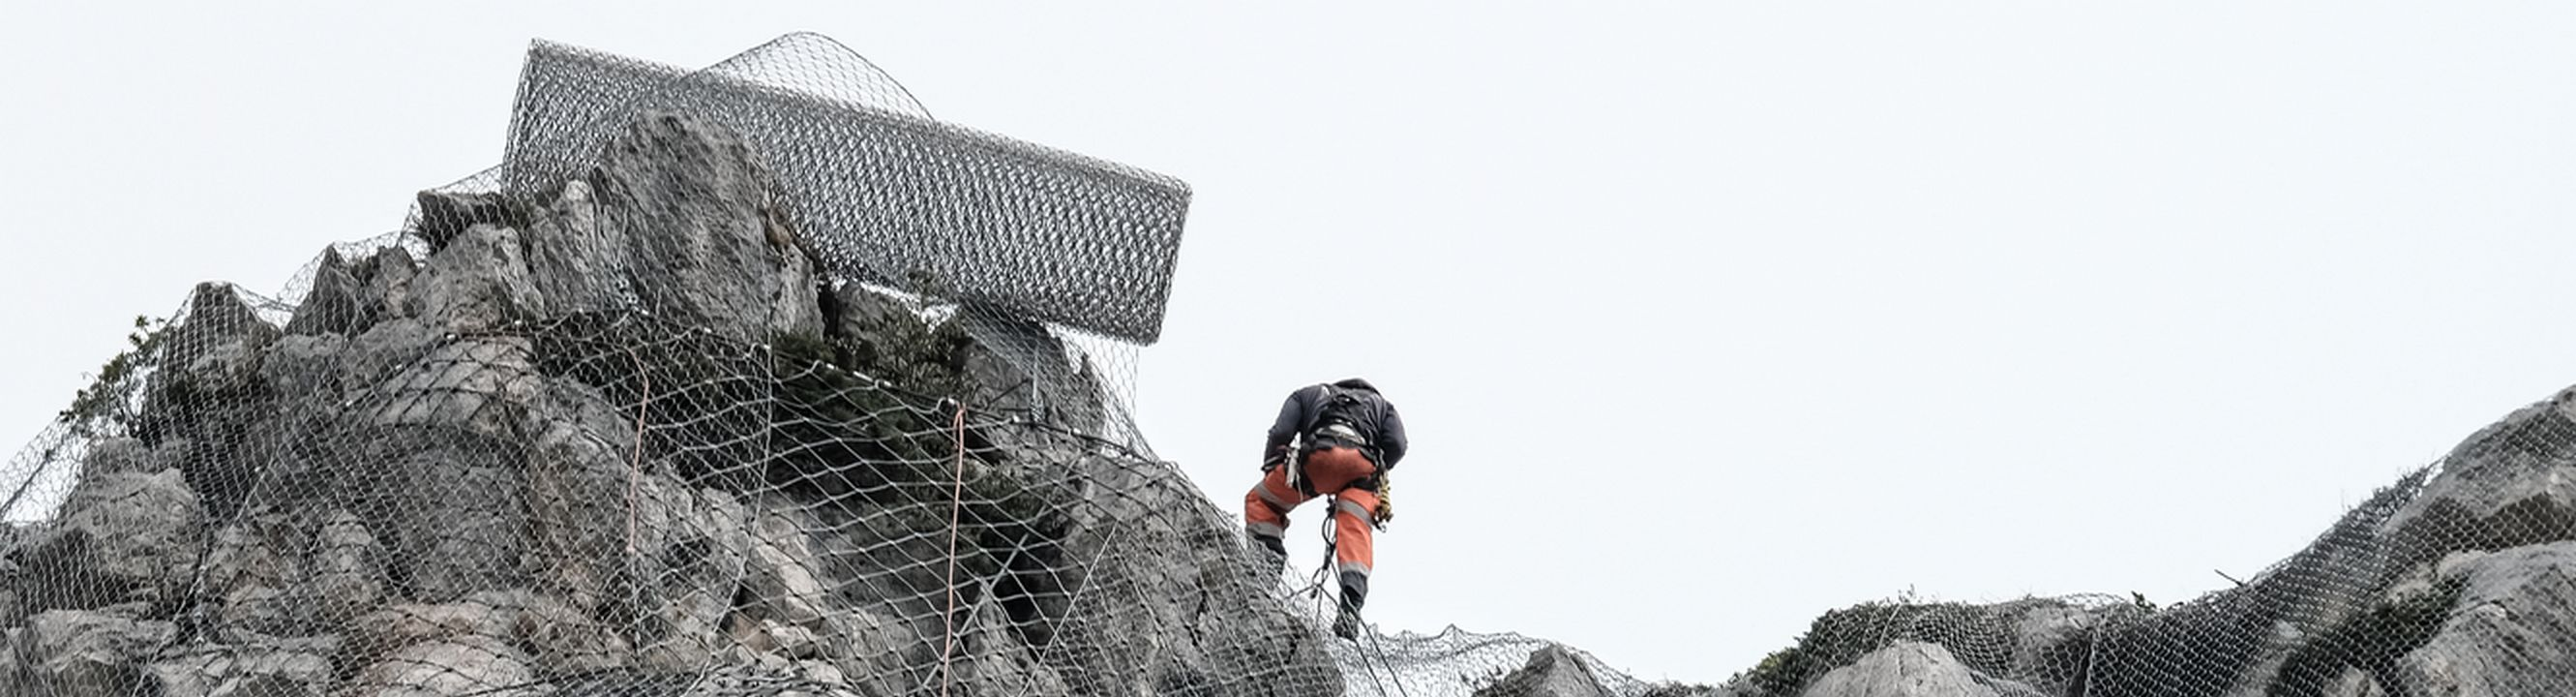 technicien cordiste tp 74 haute savoie forage purge débutant mission intérim